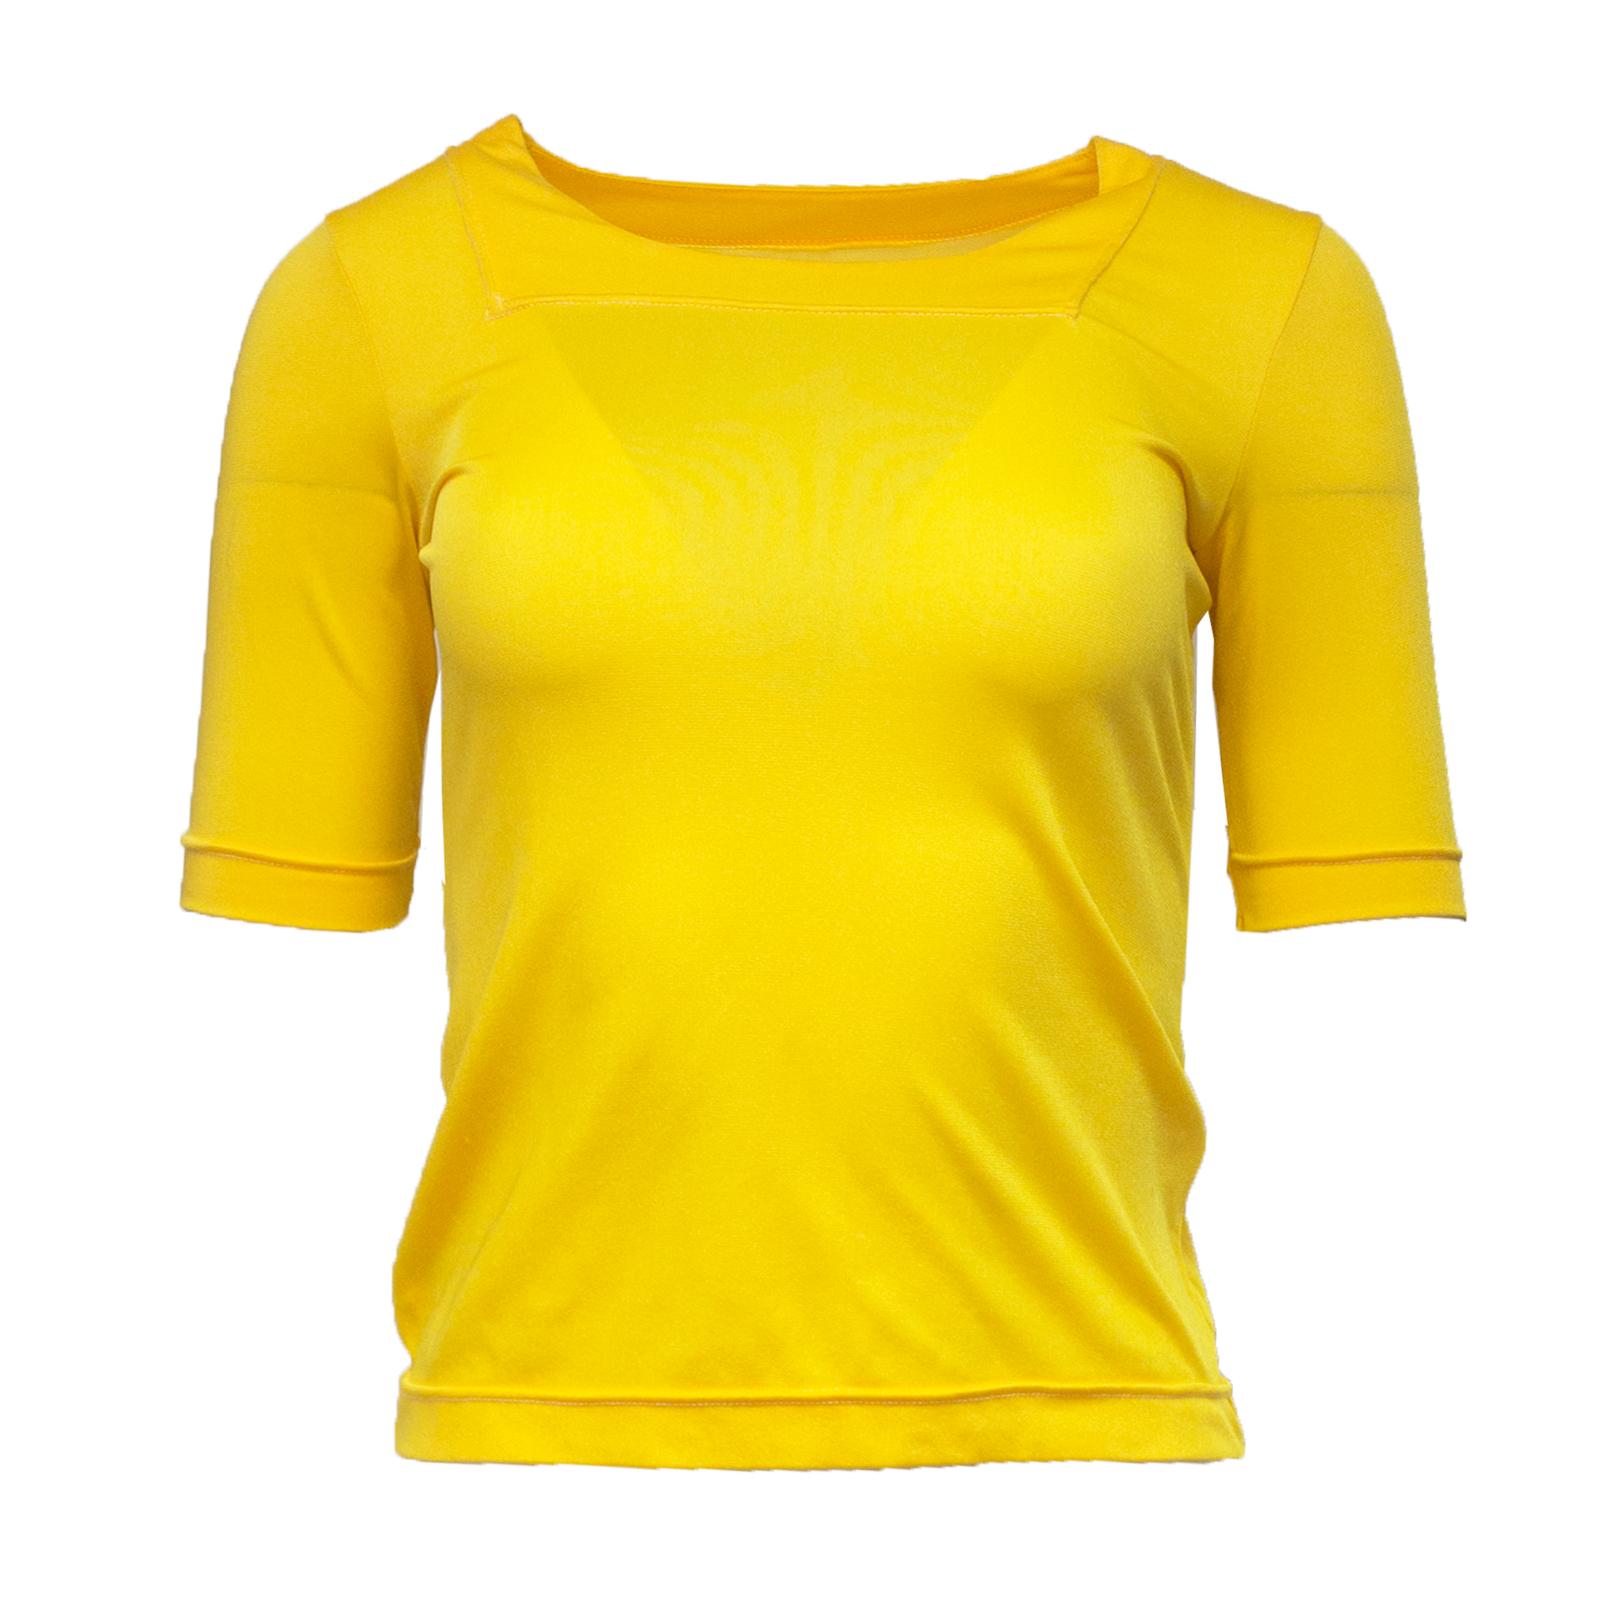 Silkyss, keltainen trikoopaita - 36-40